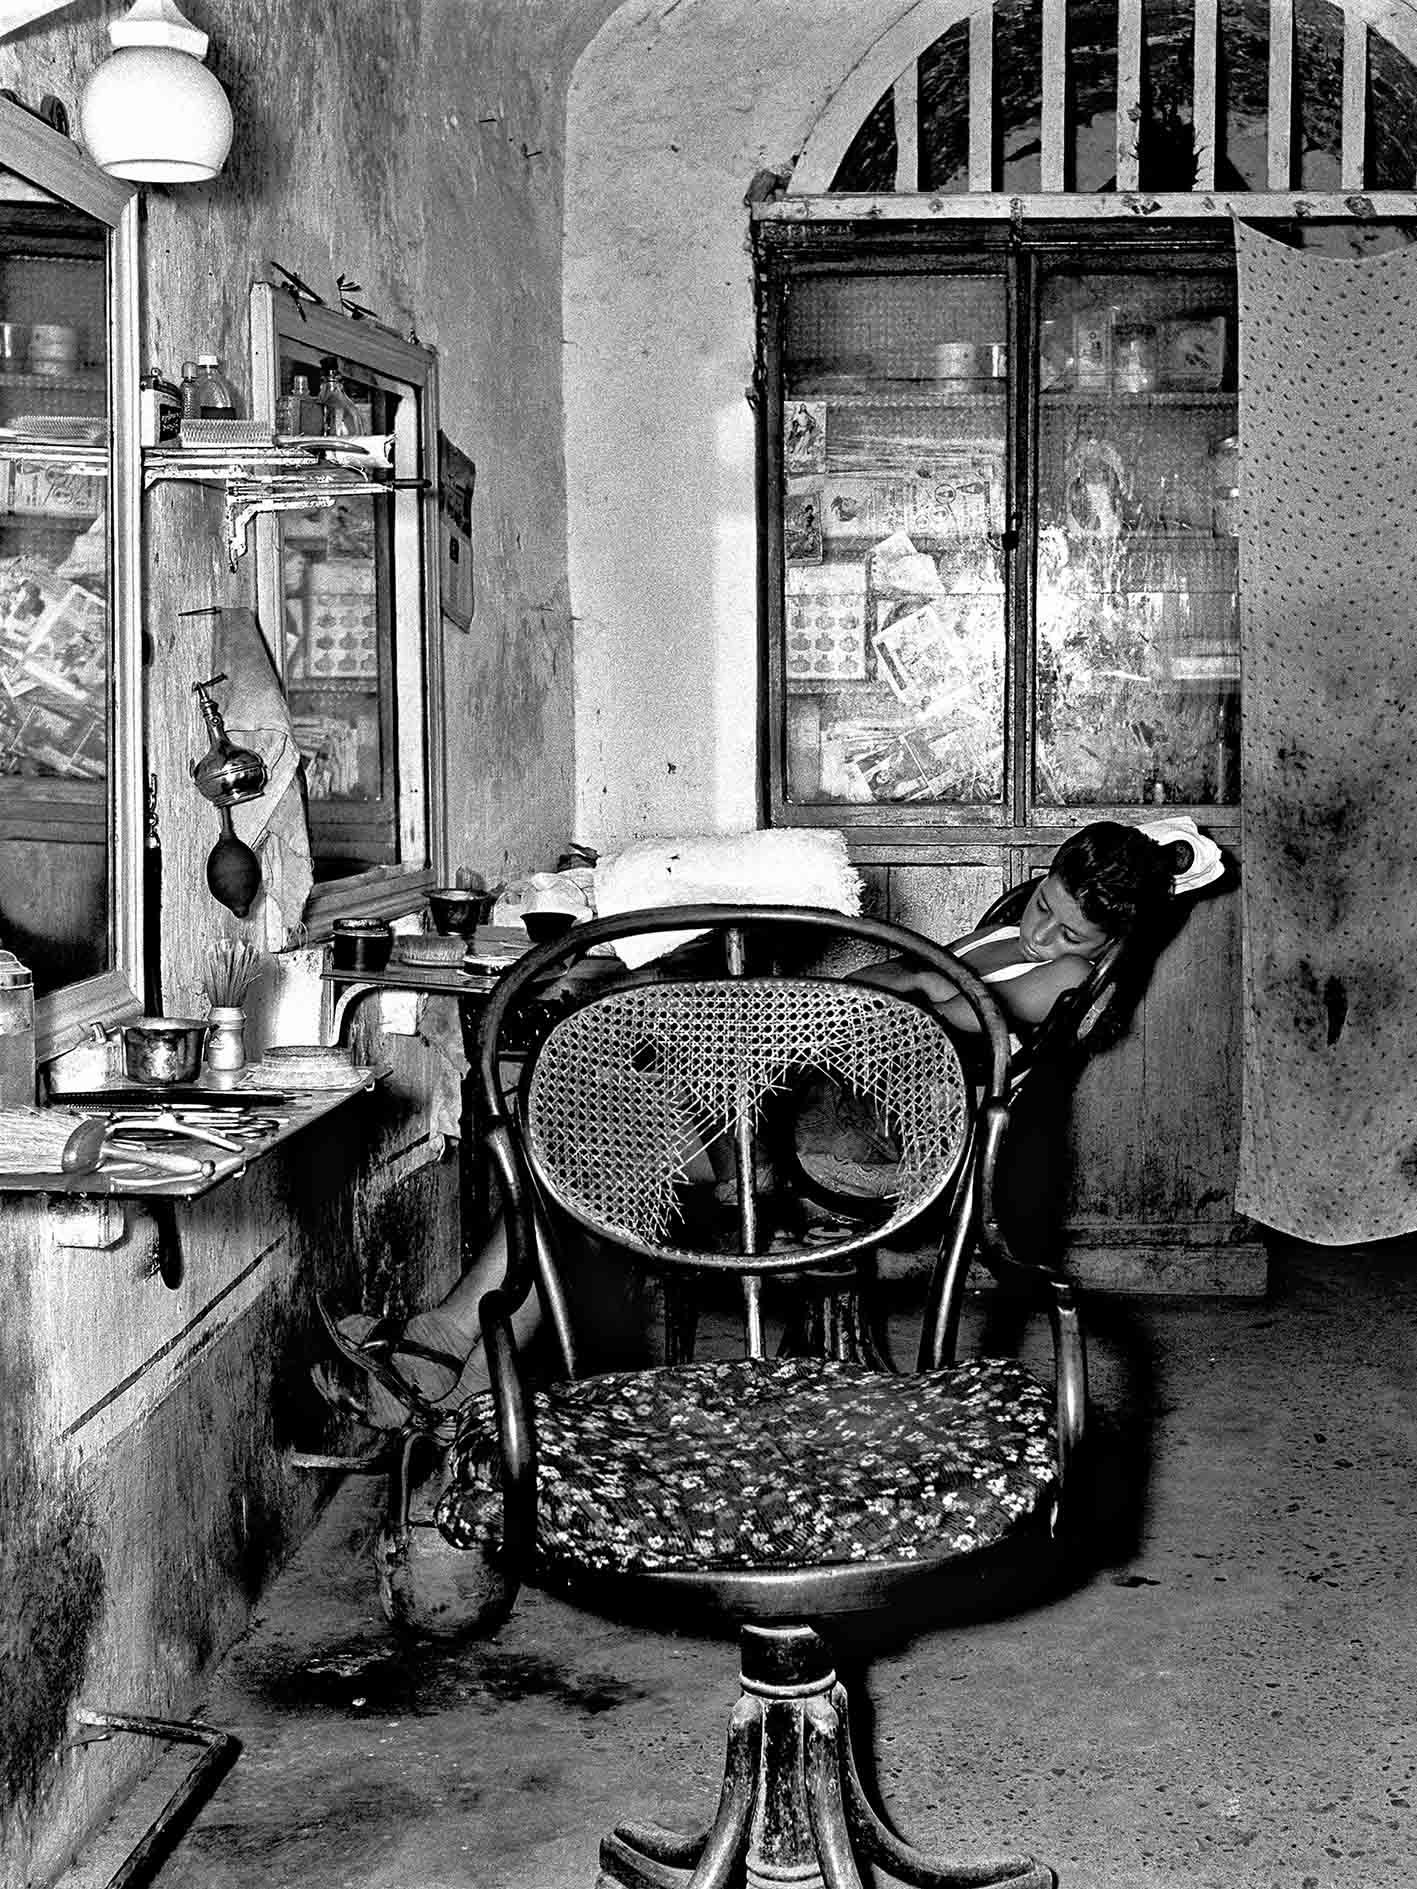 """Nino Migliori, """"Il garzone del barbiere"""" (1956), série """"Gente del Sud"""" © Fondazione Nino Migliori, Bologna, Italie"""